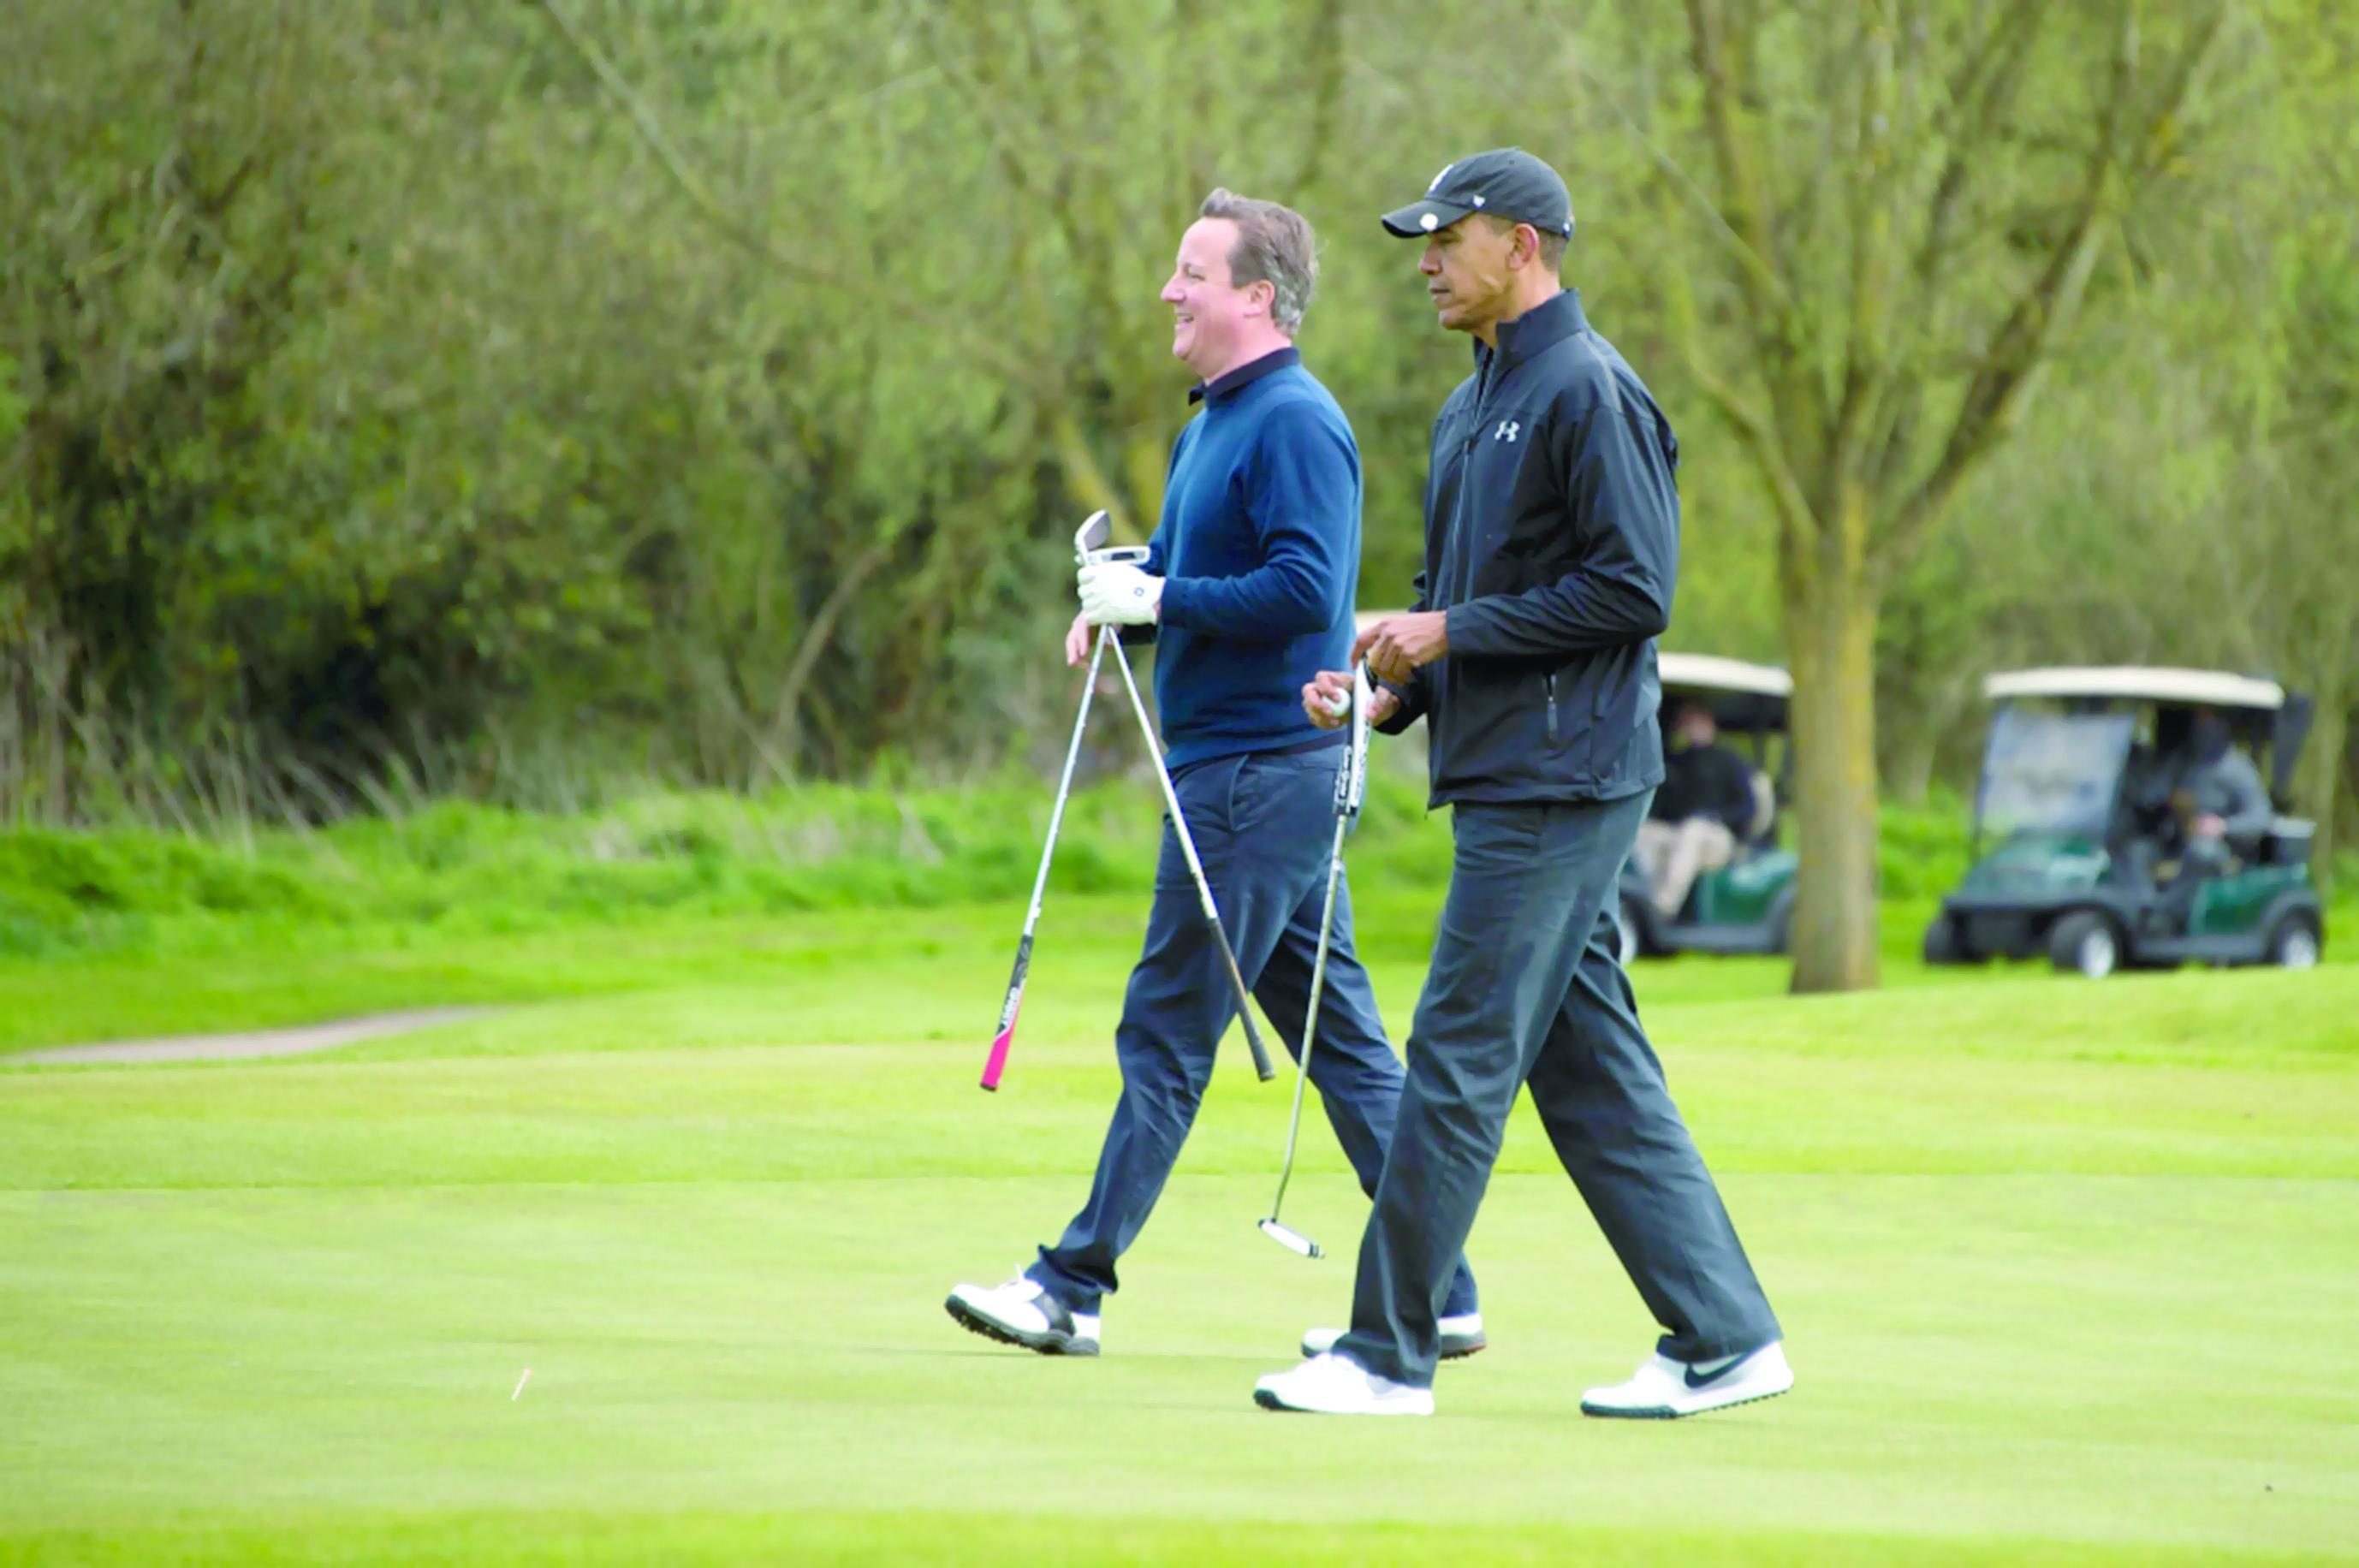 اوباما يواصل جولته الاخيرة في اوروربا